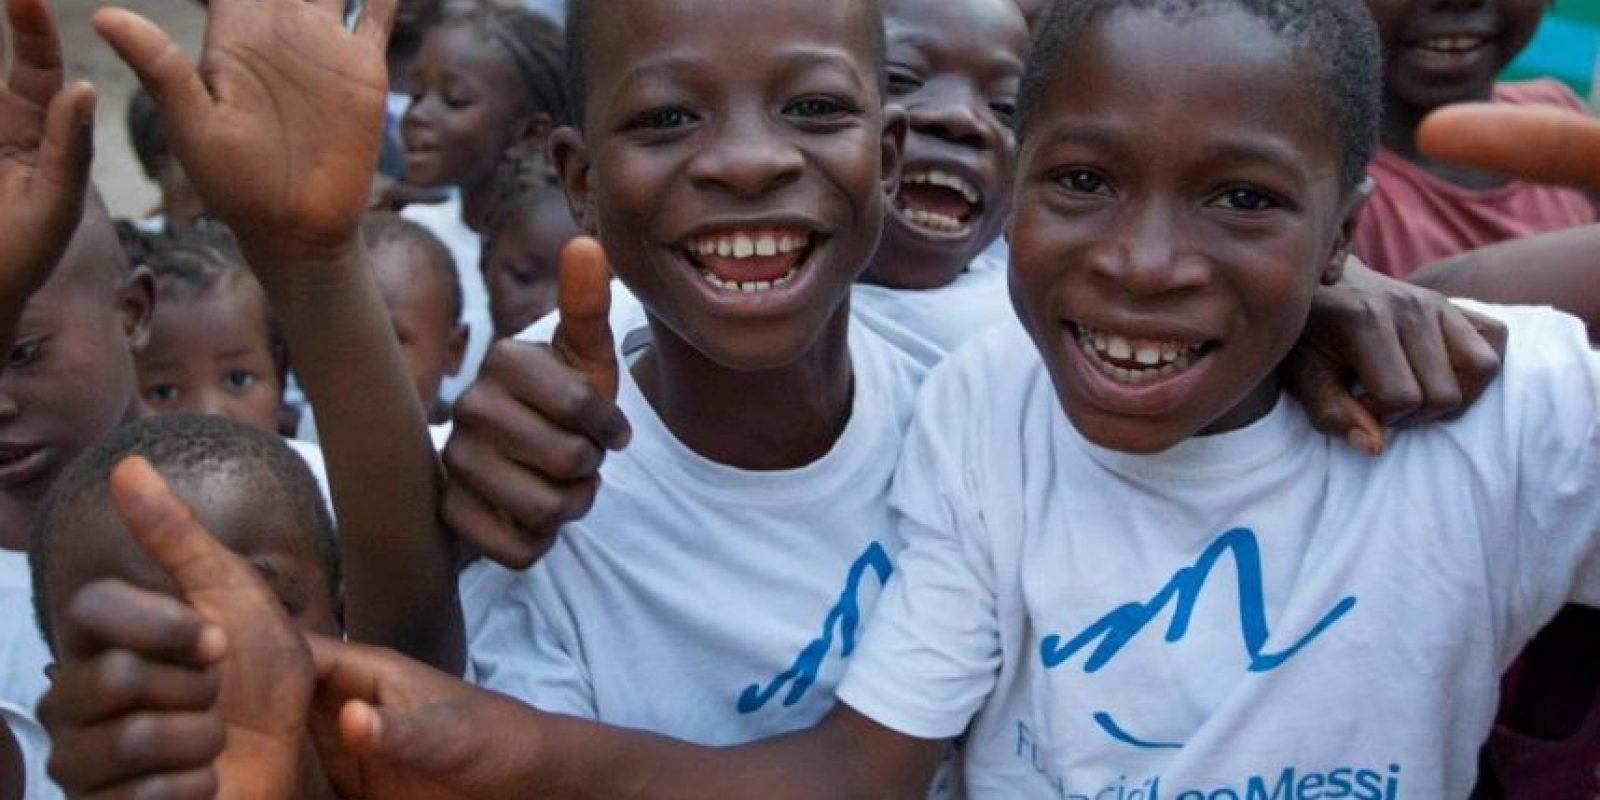 1. En junio de 2013 visitó Senegal en una misión humanitaria para repartir redes mosquiteros que ayudaran a combatir la malaria que entonces azotaba este país africano. Foto:Vía facebook.com/FundacionLeoMessi